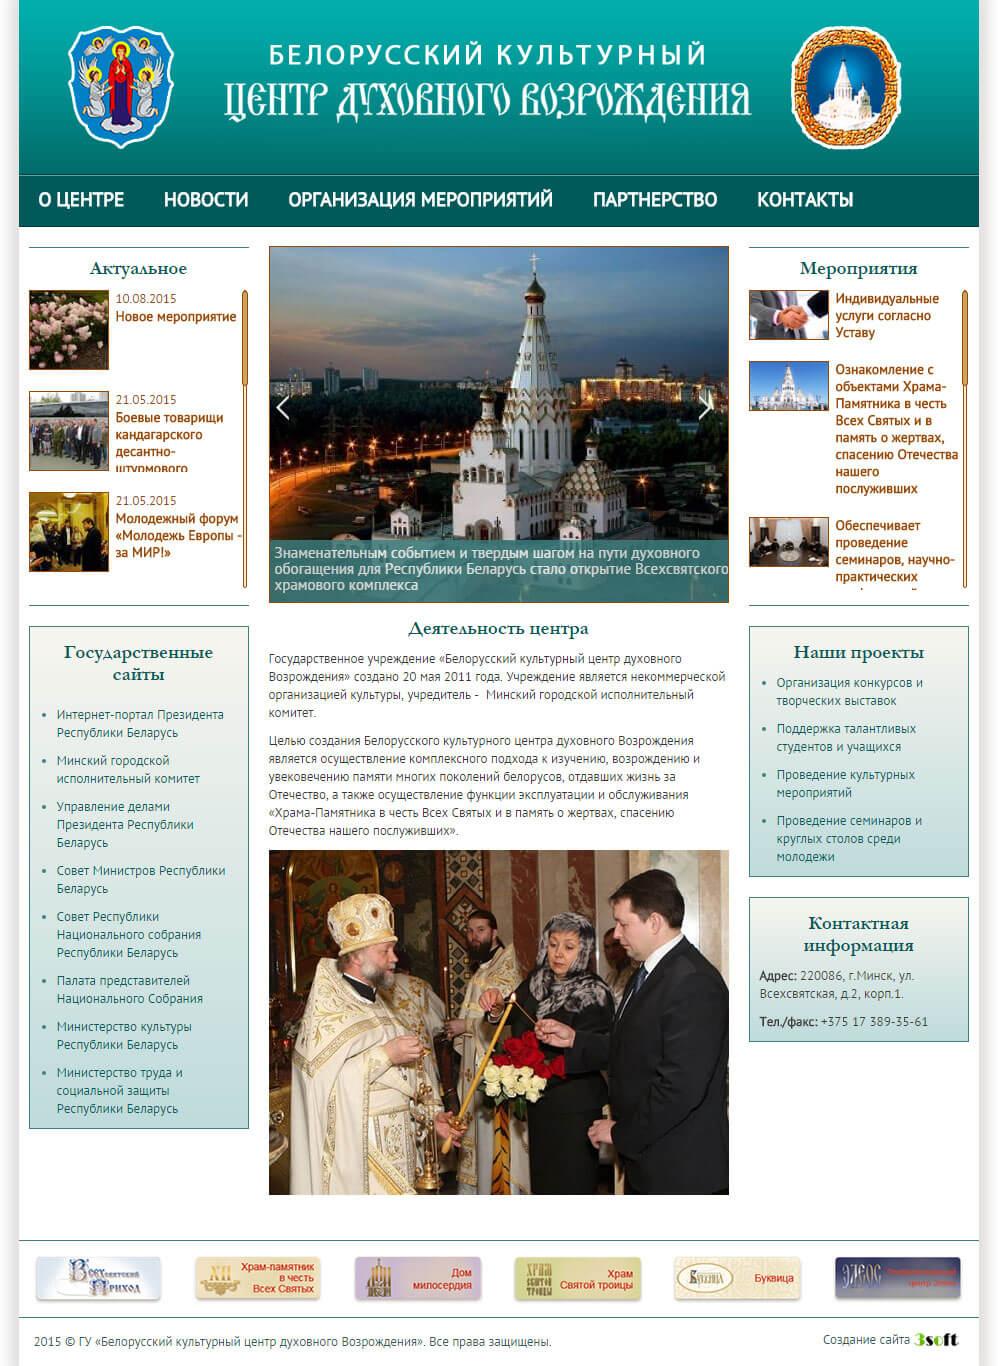 Сайт «Центра духовного Возрождения»